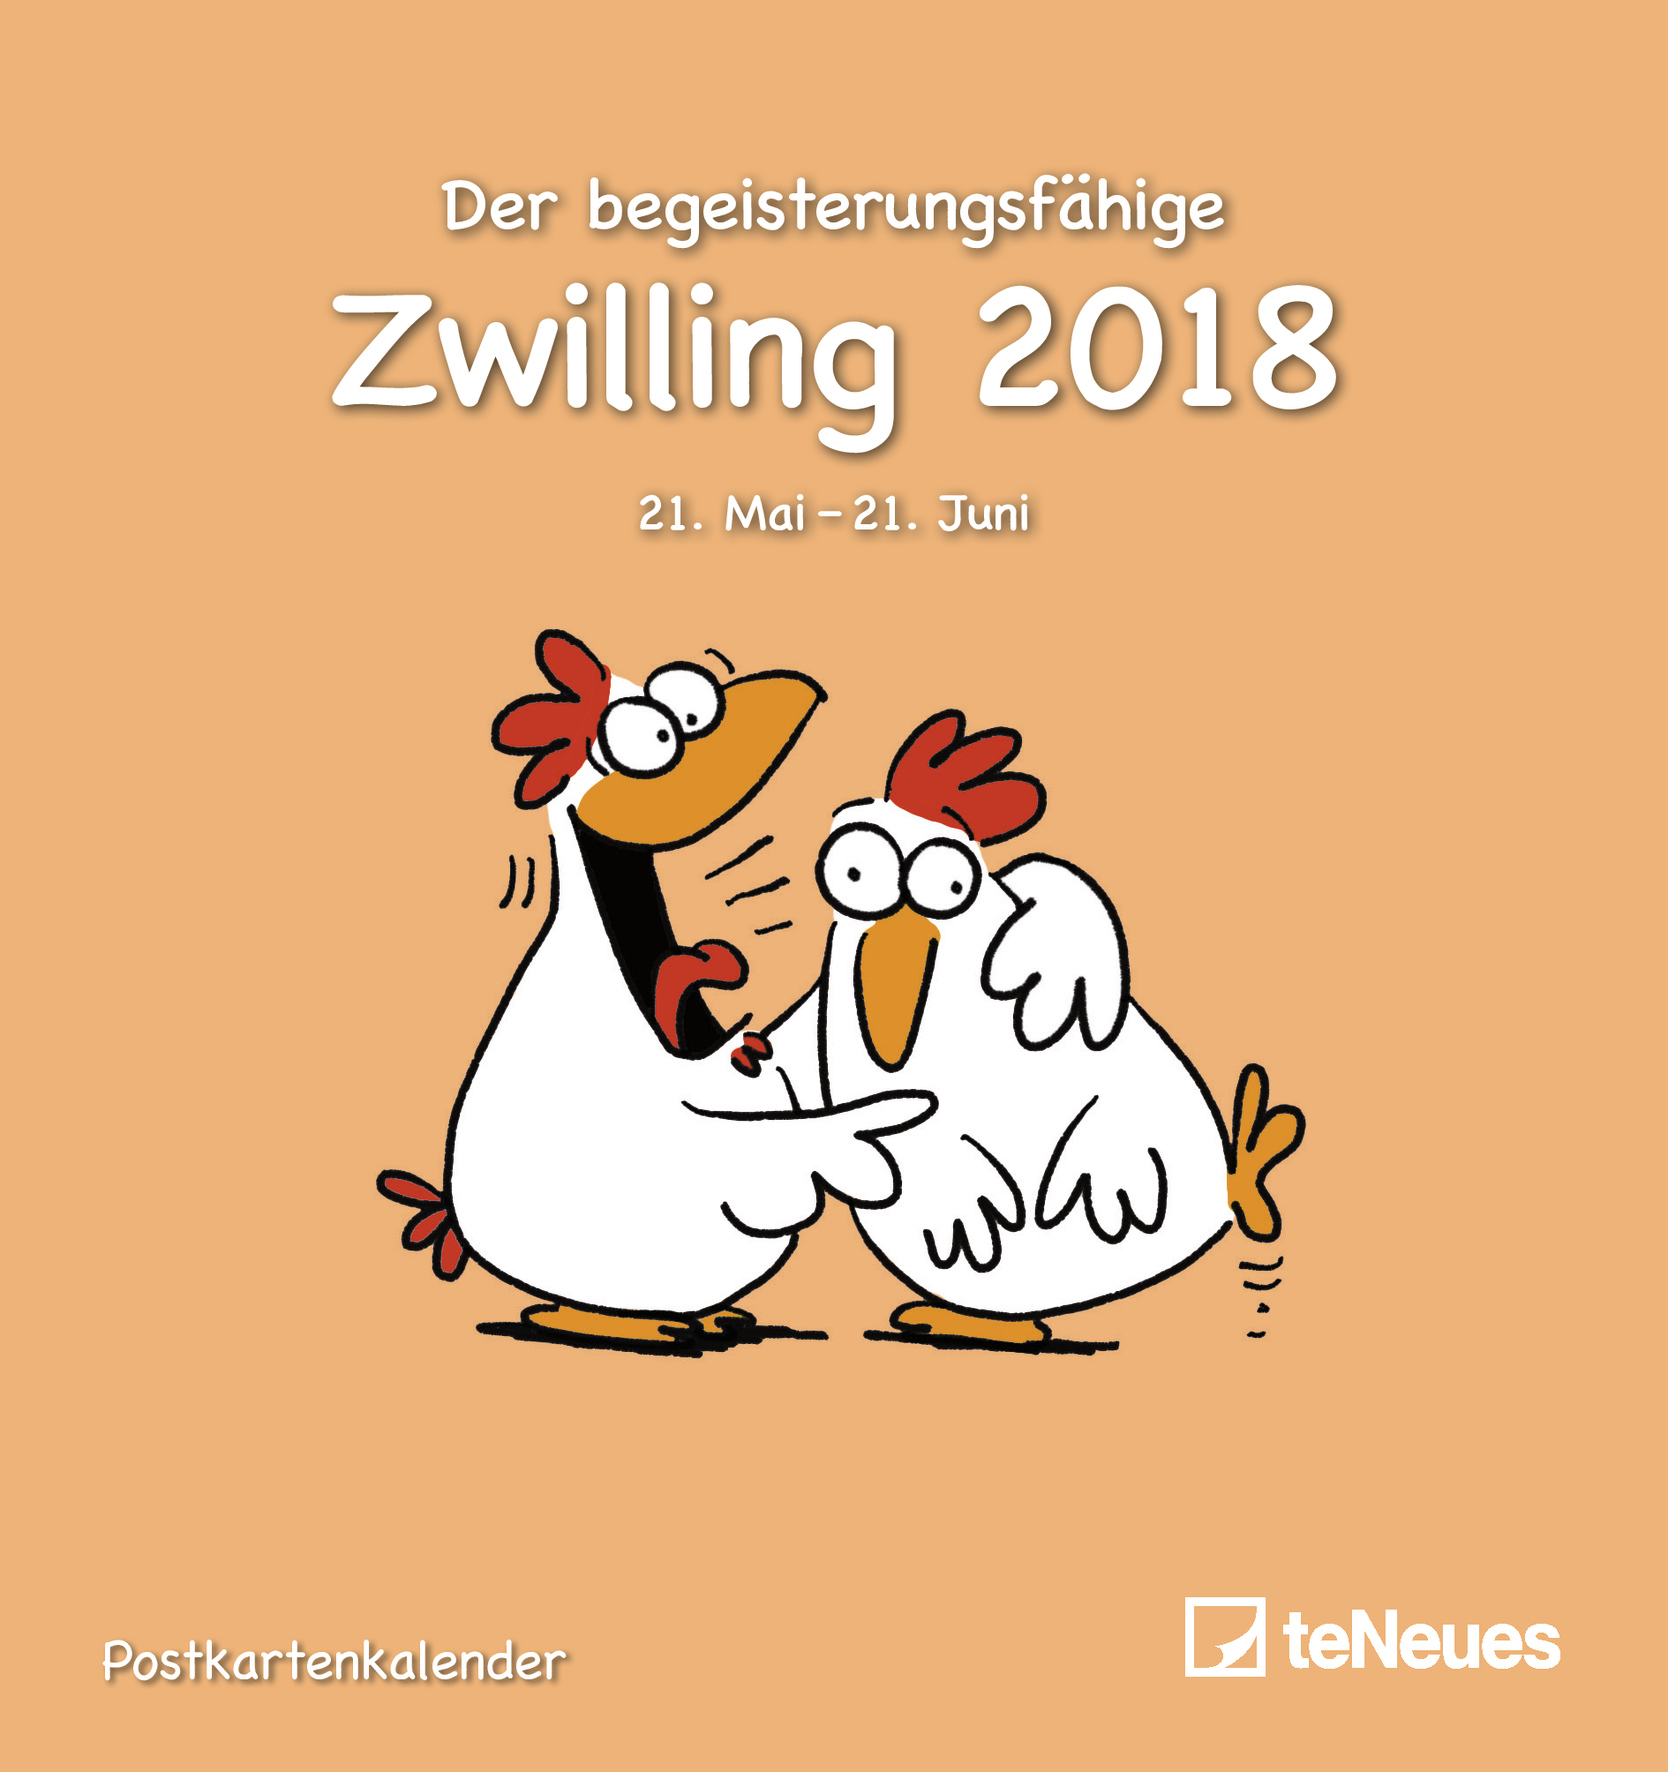 Sternzeichen-Zwilling-2018-Alexander-Holzach